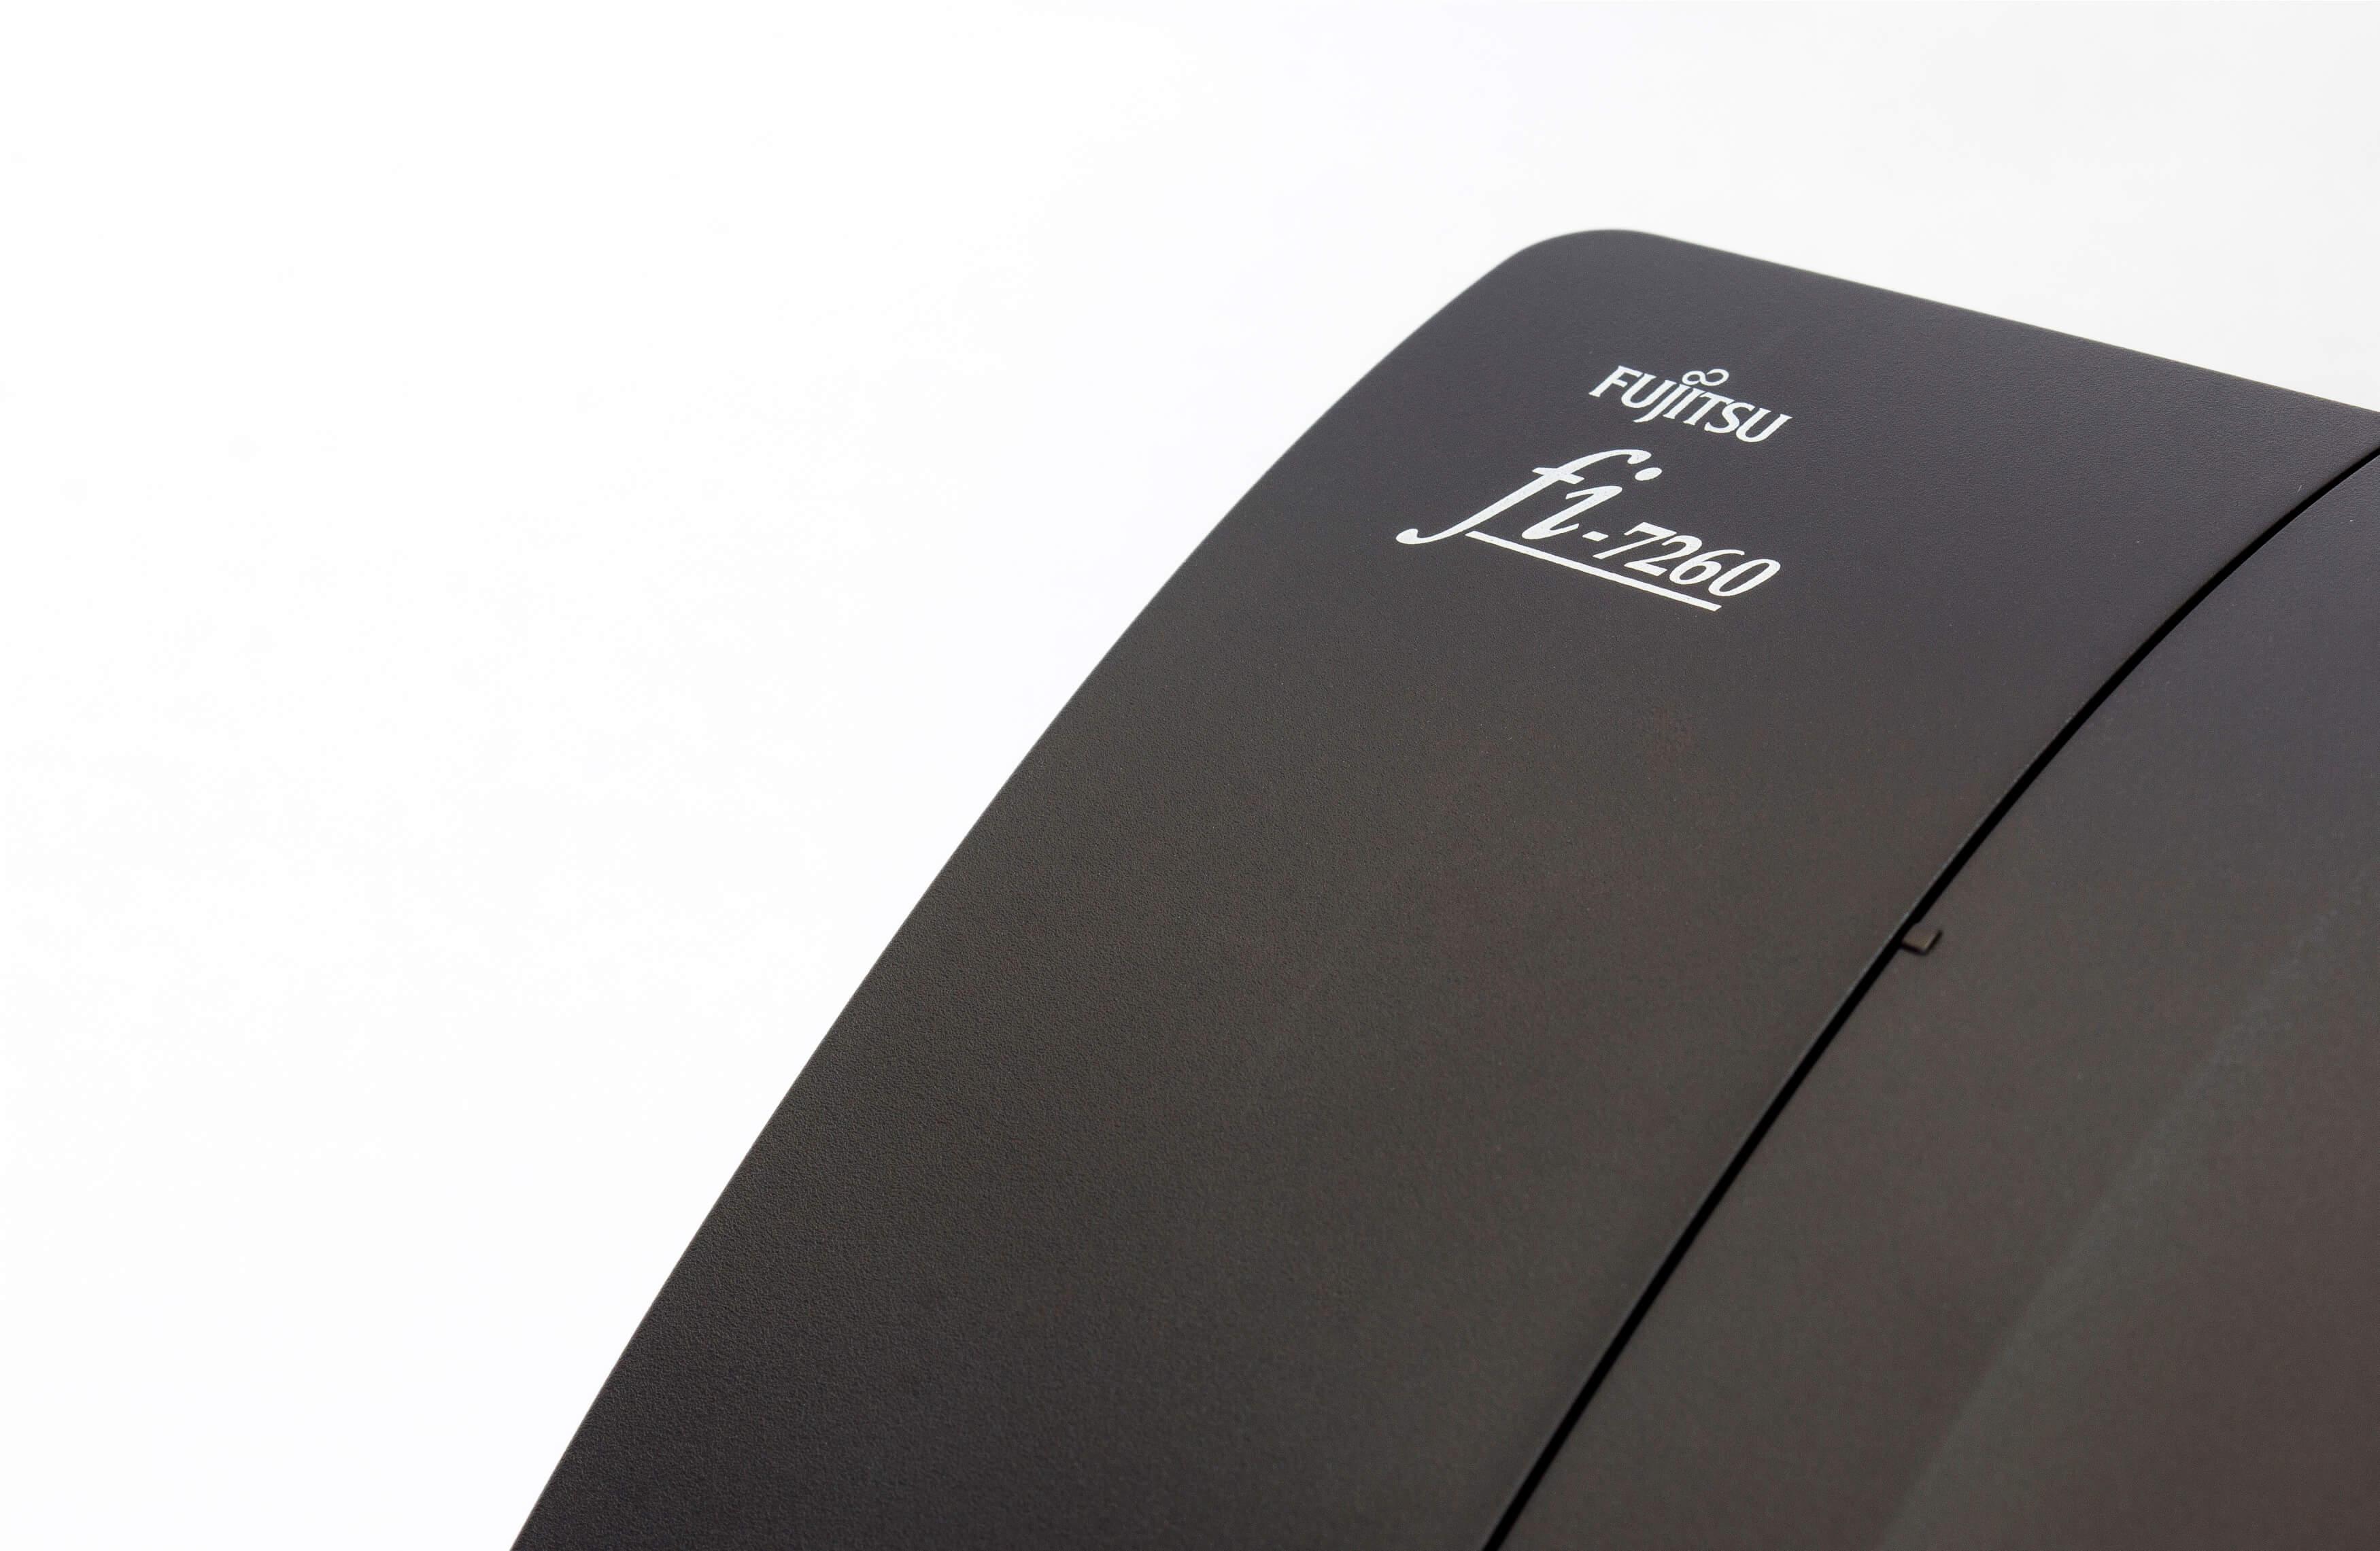 fi-7260 Scanner Fujitsu foto com close